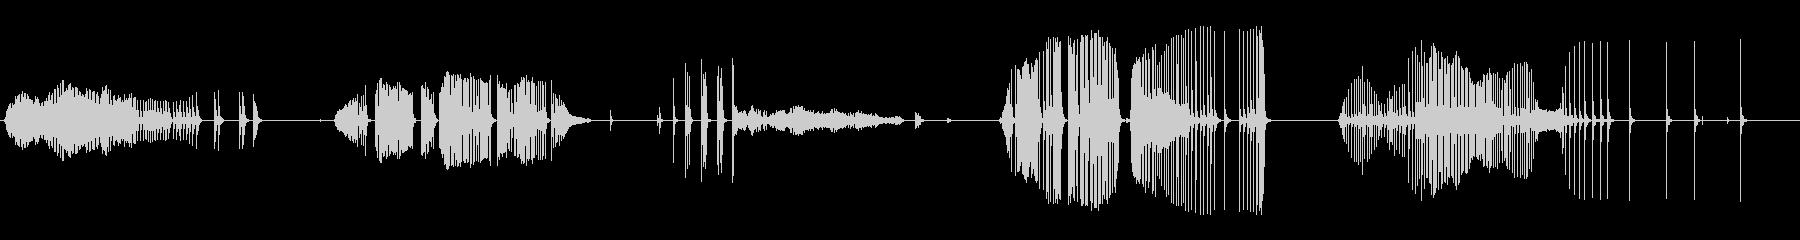 ラスパイバルーンクリークの未再生の波形